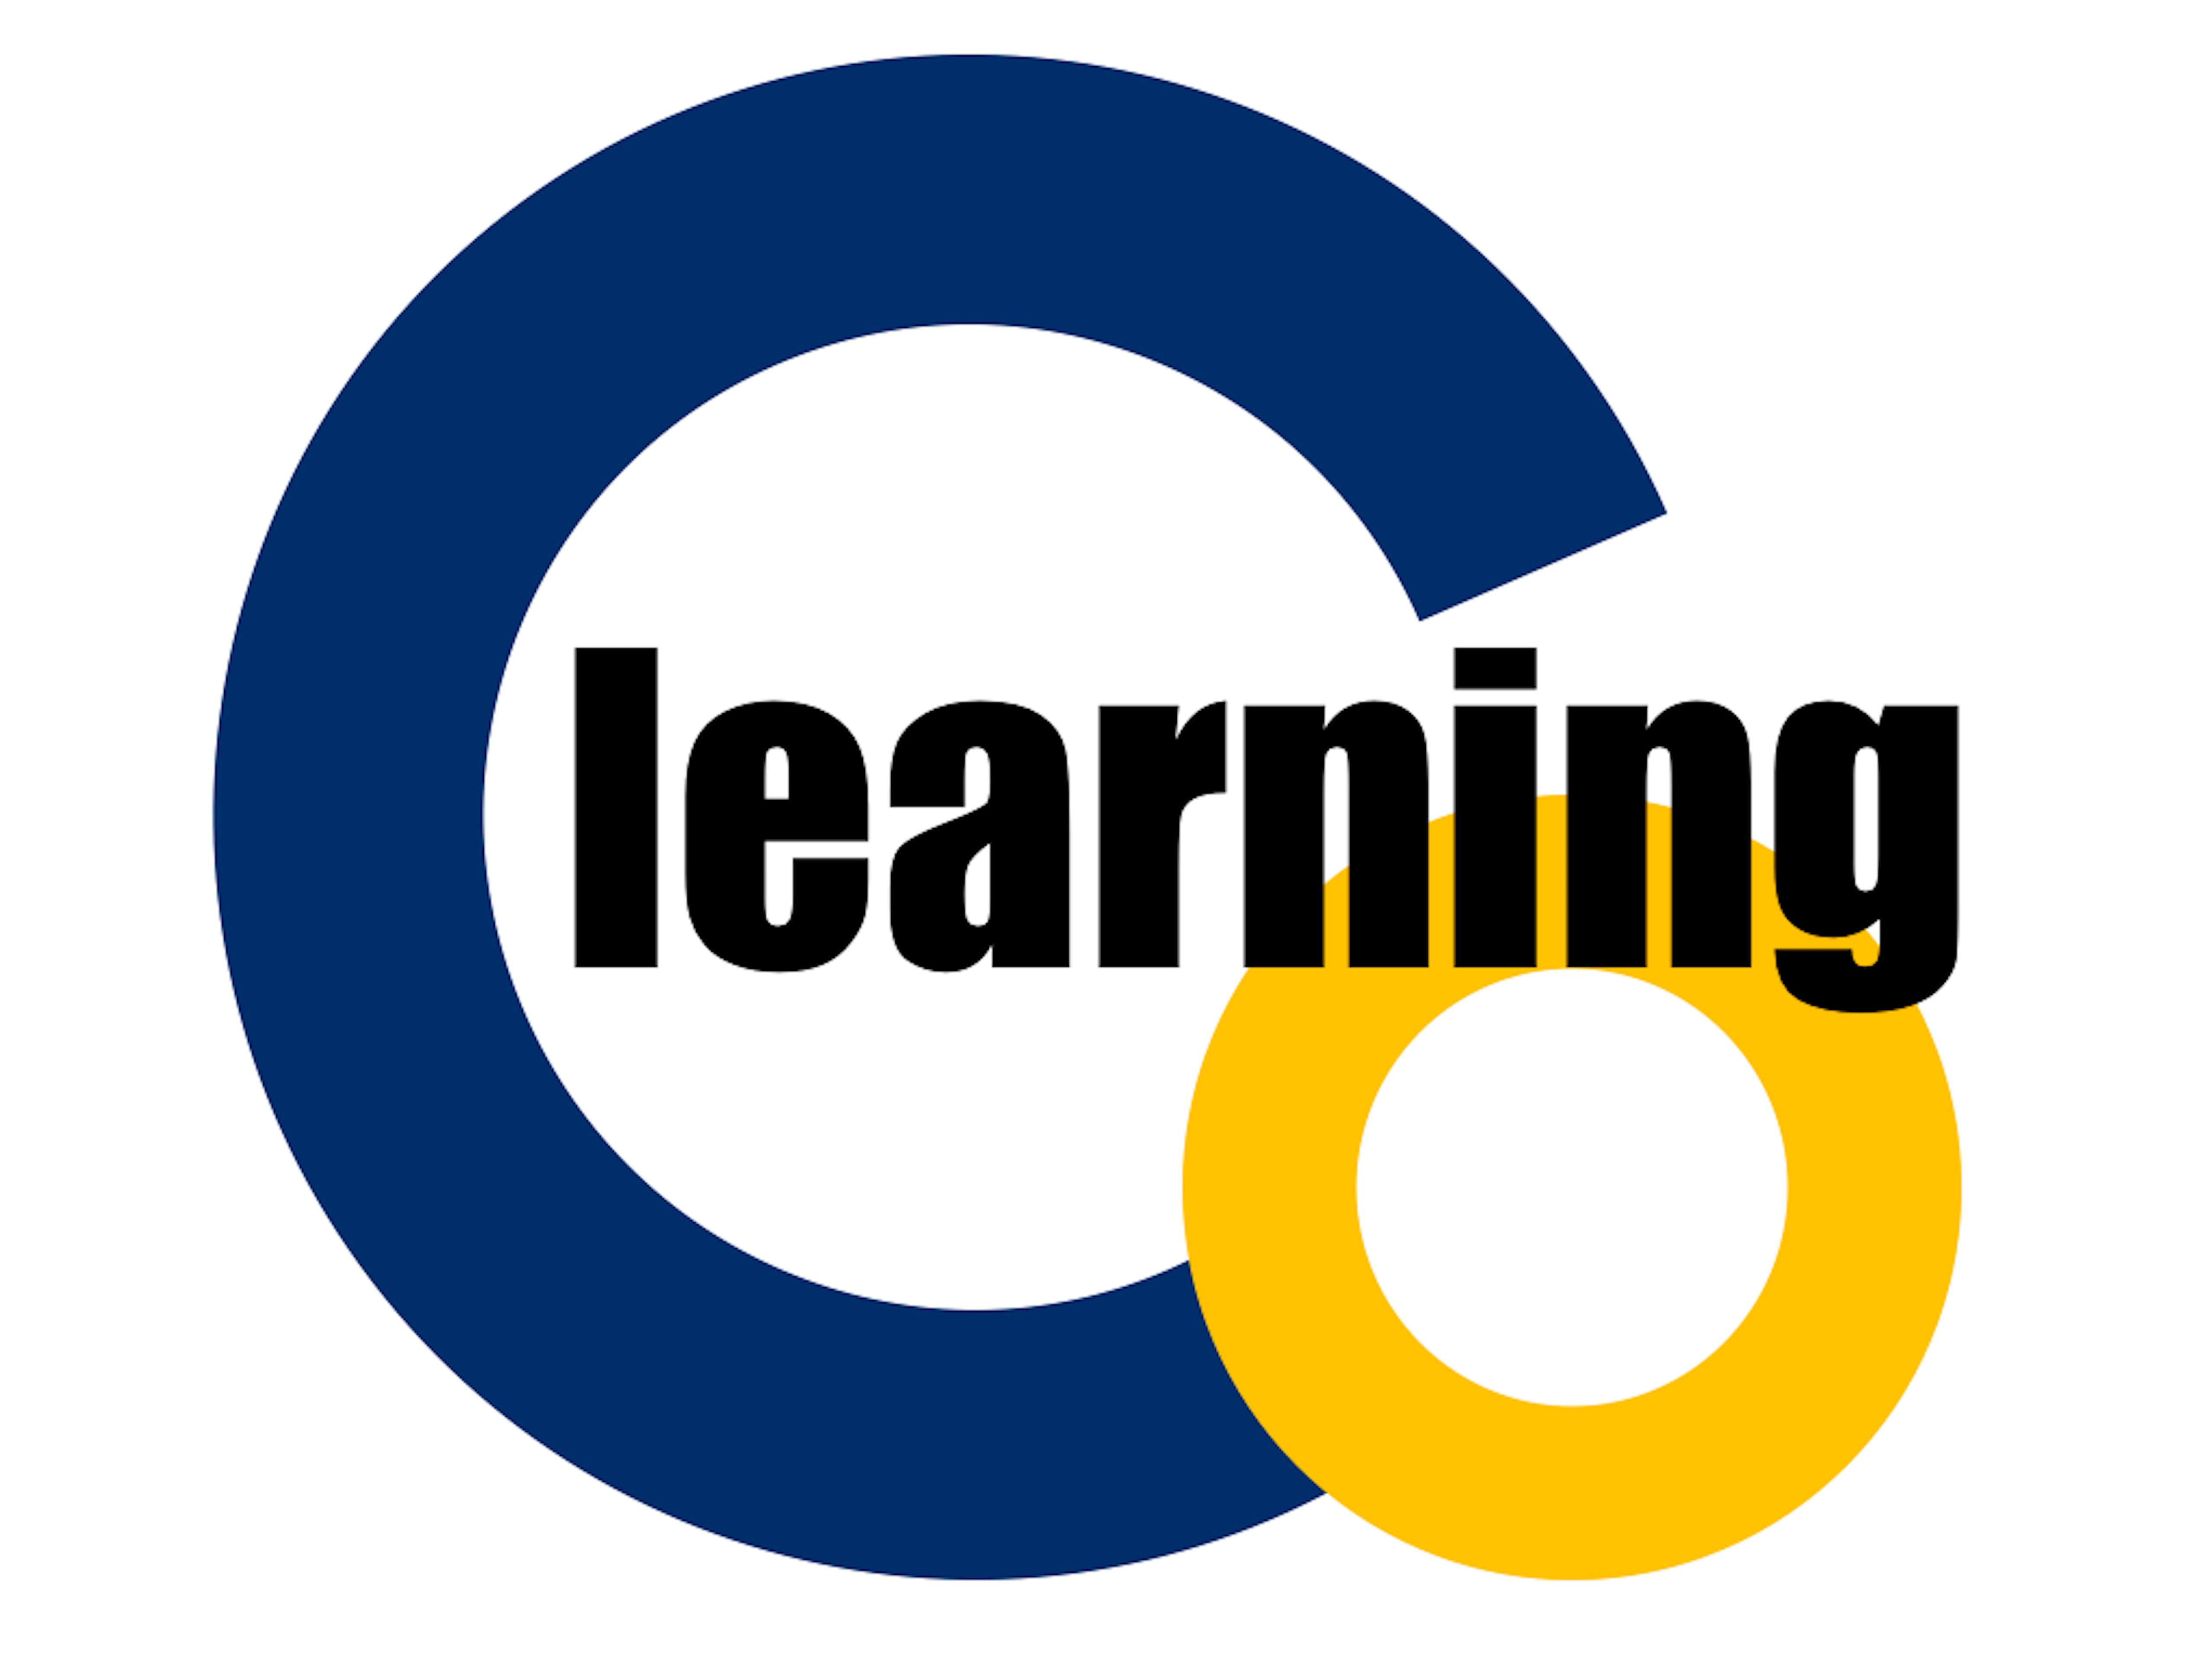 Co-learning Co., Ltd